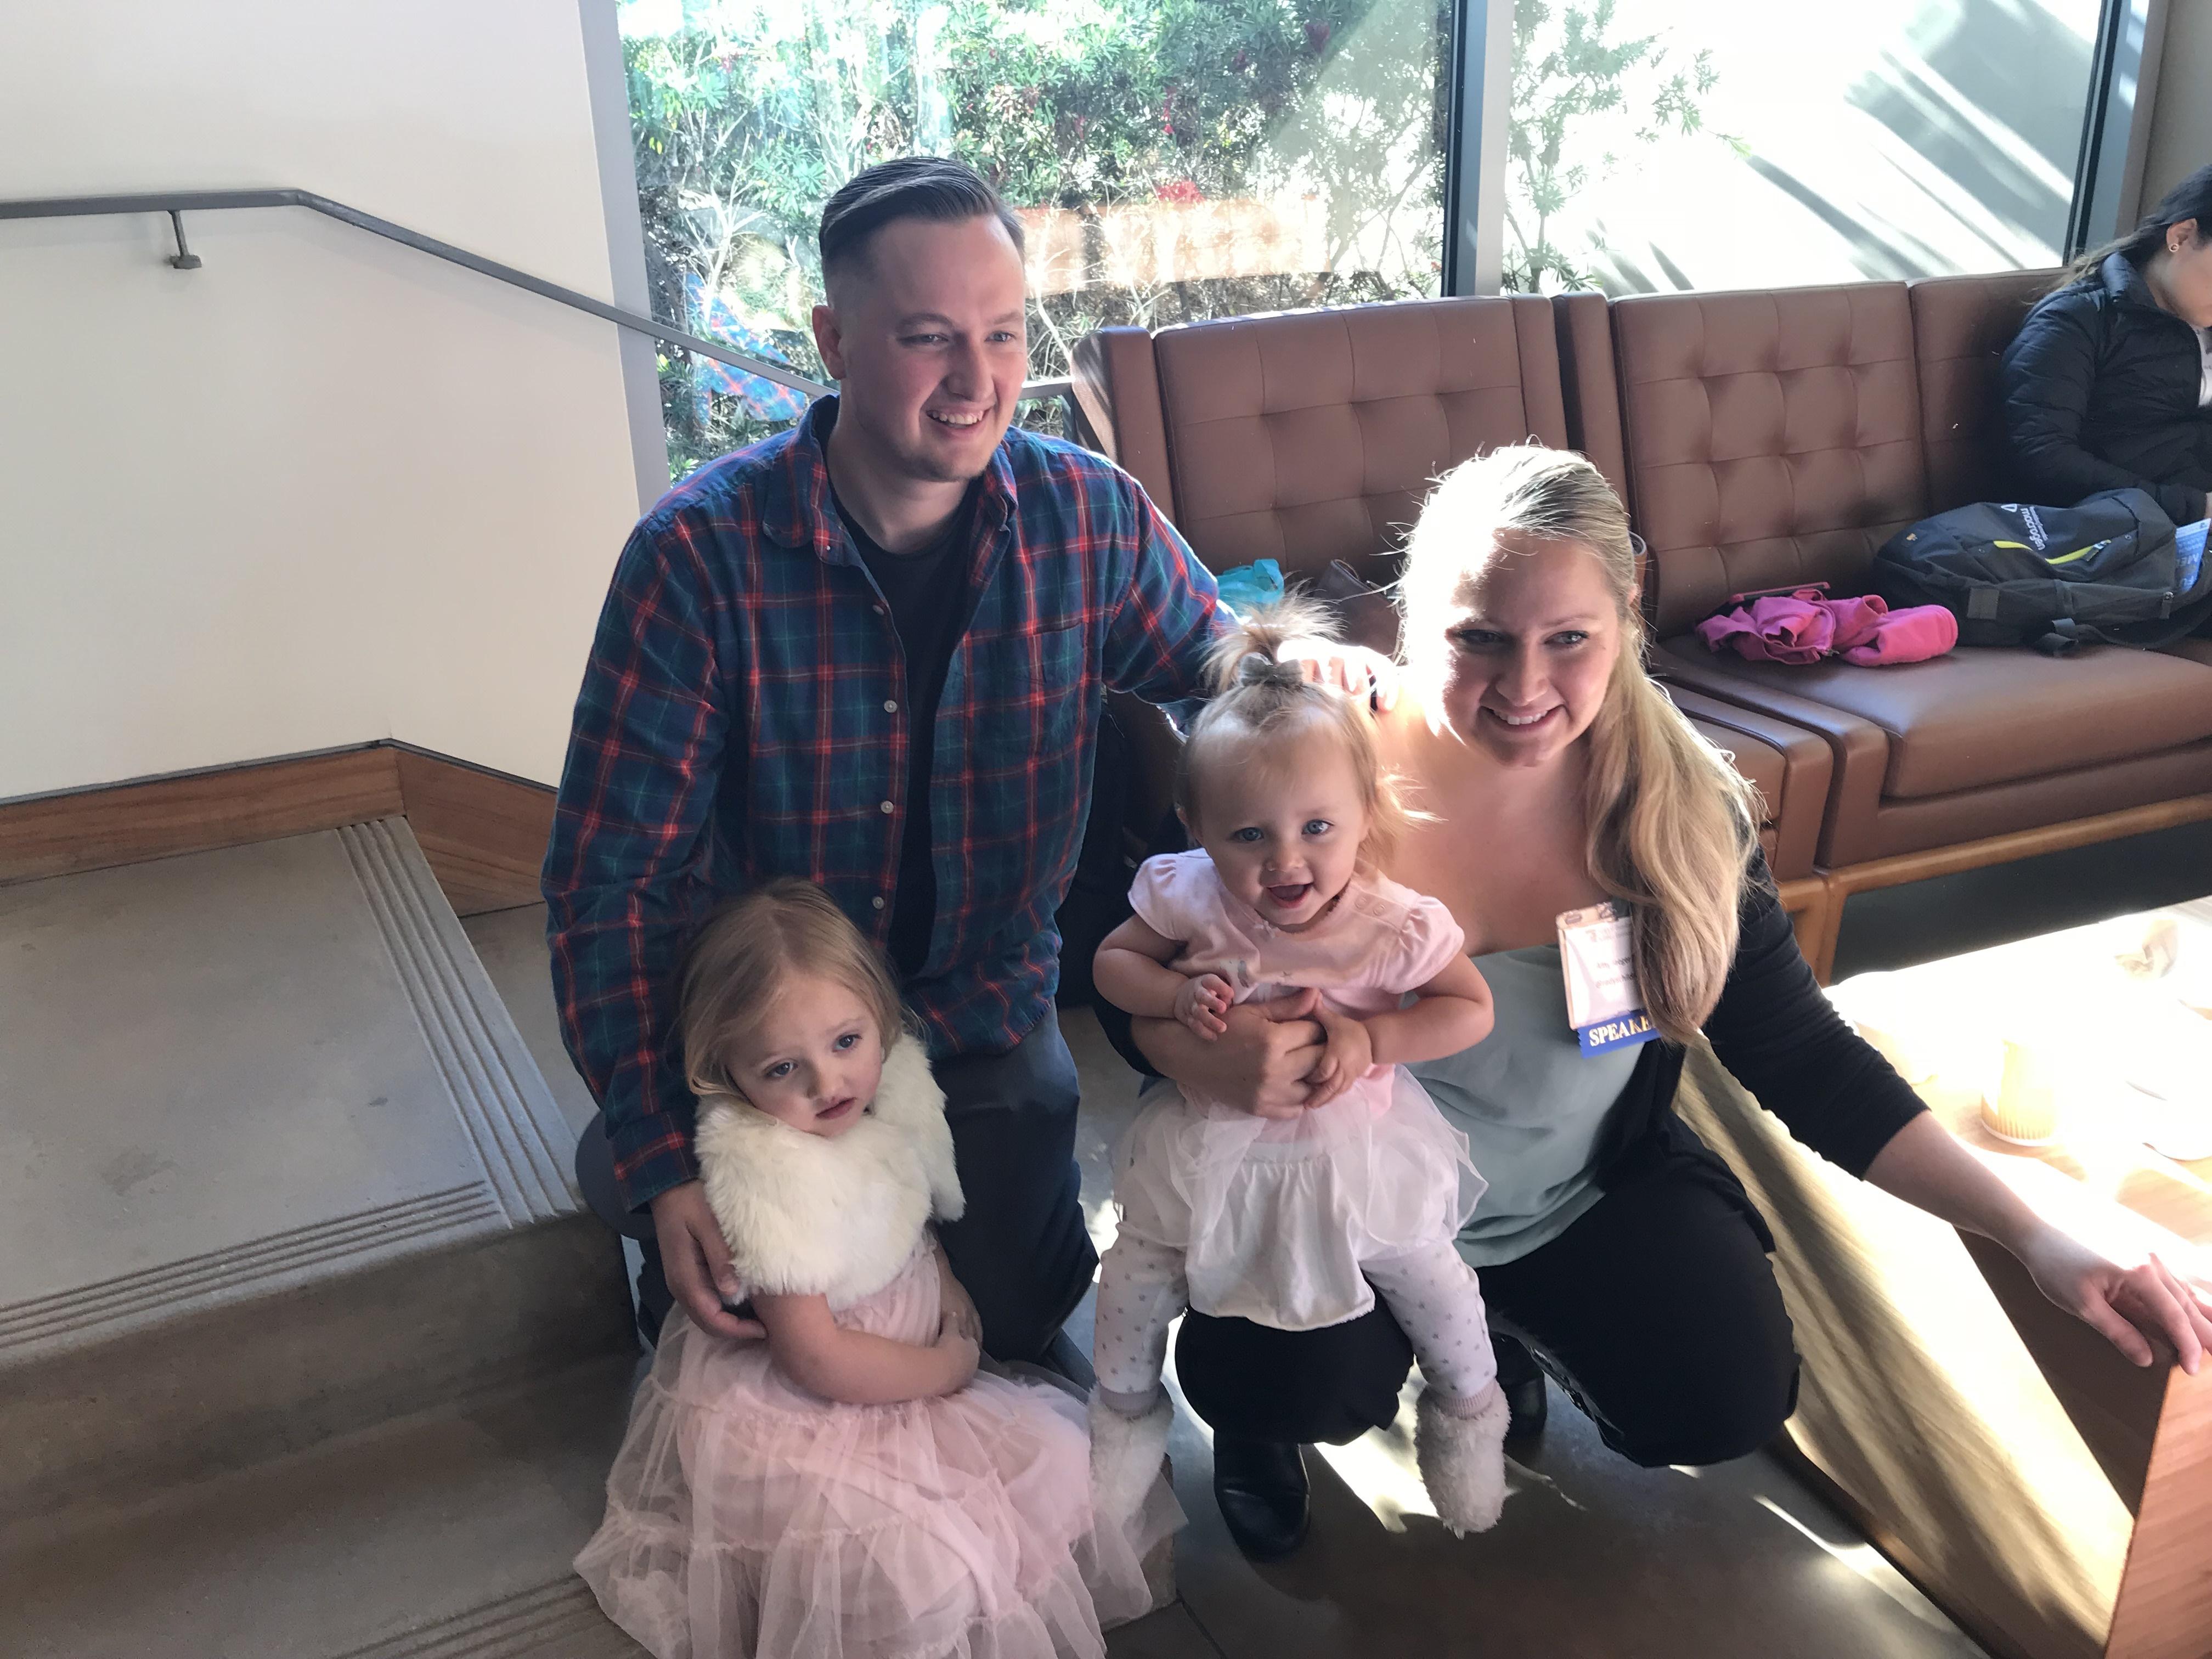 Robert Supple y Amy Jaeger con sus dos hijas, Sophie (izquierda) y Rylee (derecha). Supple y Jaeger matricularon a Rylee, ahora de 18 meses, en un estudio para secuenciar rápidamente su genoma cuando otras pruebas no revelaron la fuente de sus problemas de salud.